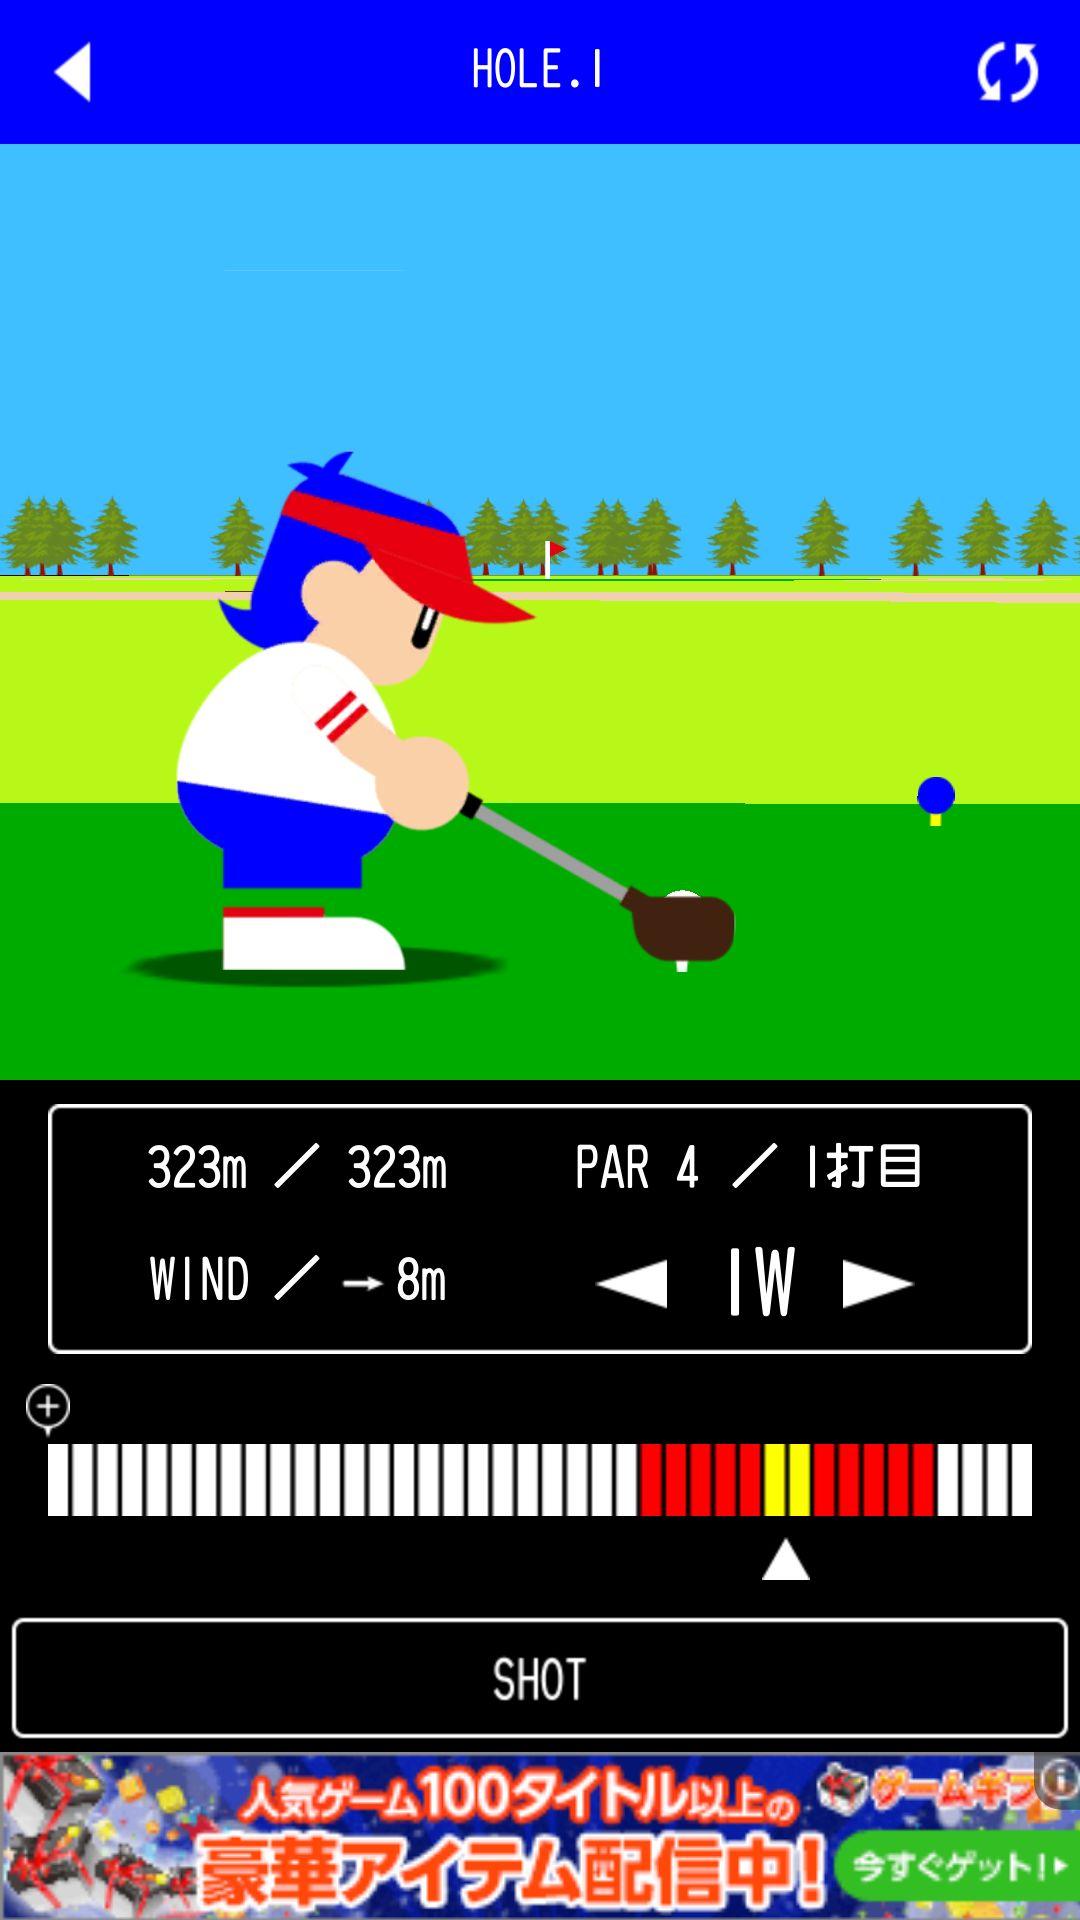 androidアプリ ゴルフ -THE GOLF-攻略スクリーンショット3